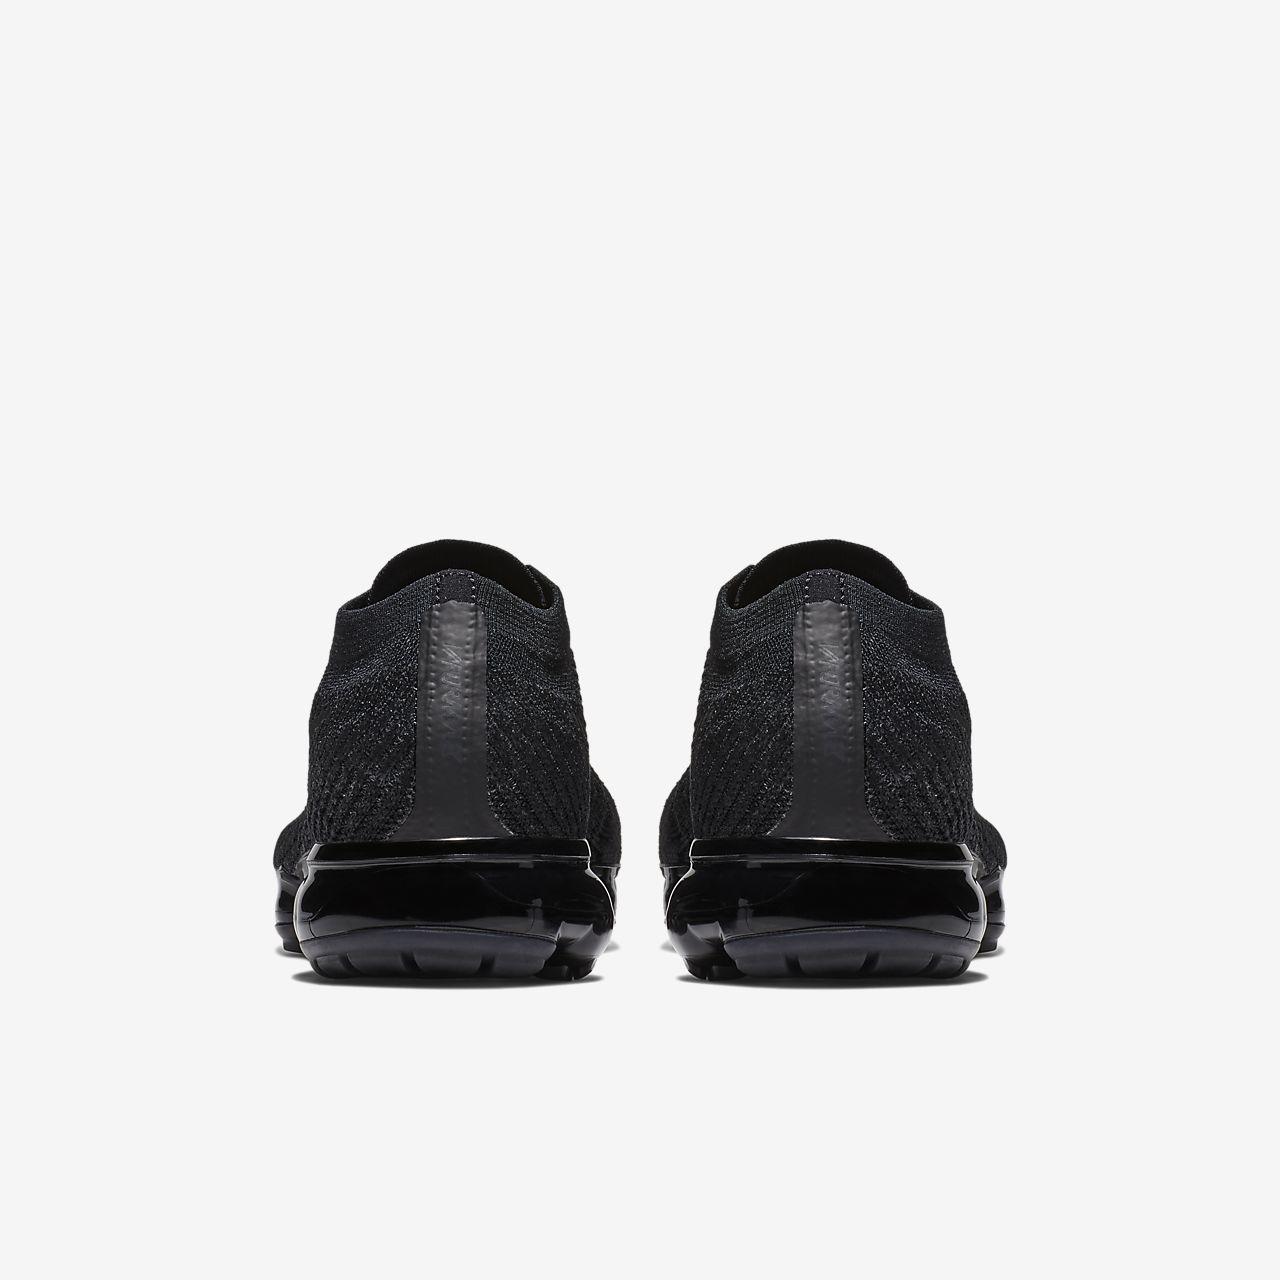 new style 5379c 930d5 ... Löparsko Nike Air VaporMax Flyknit för män